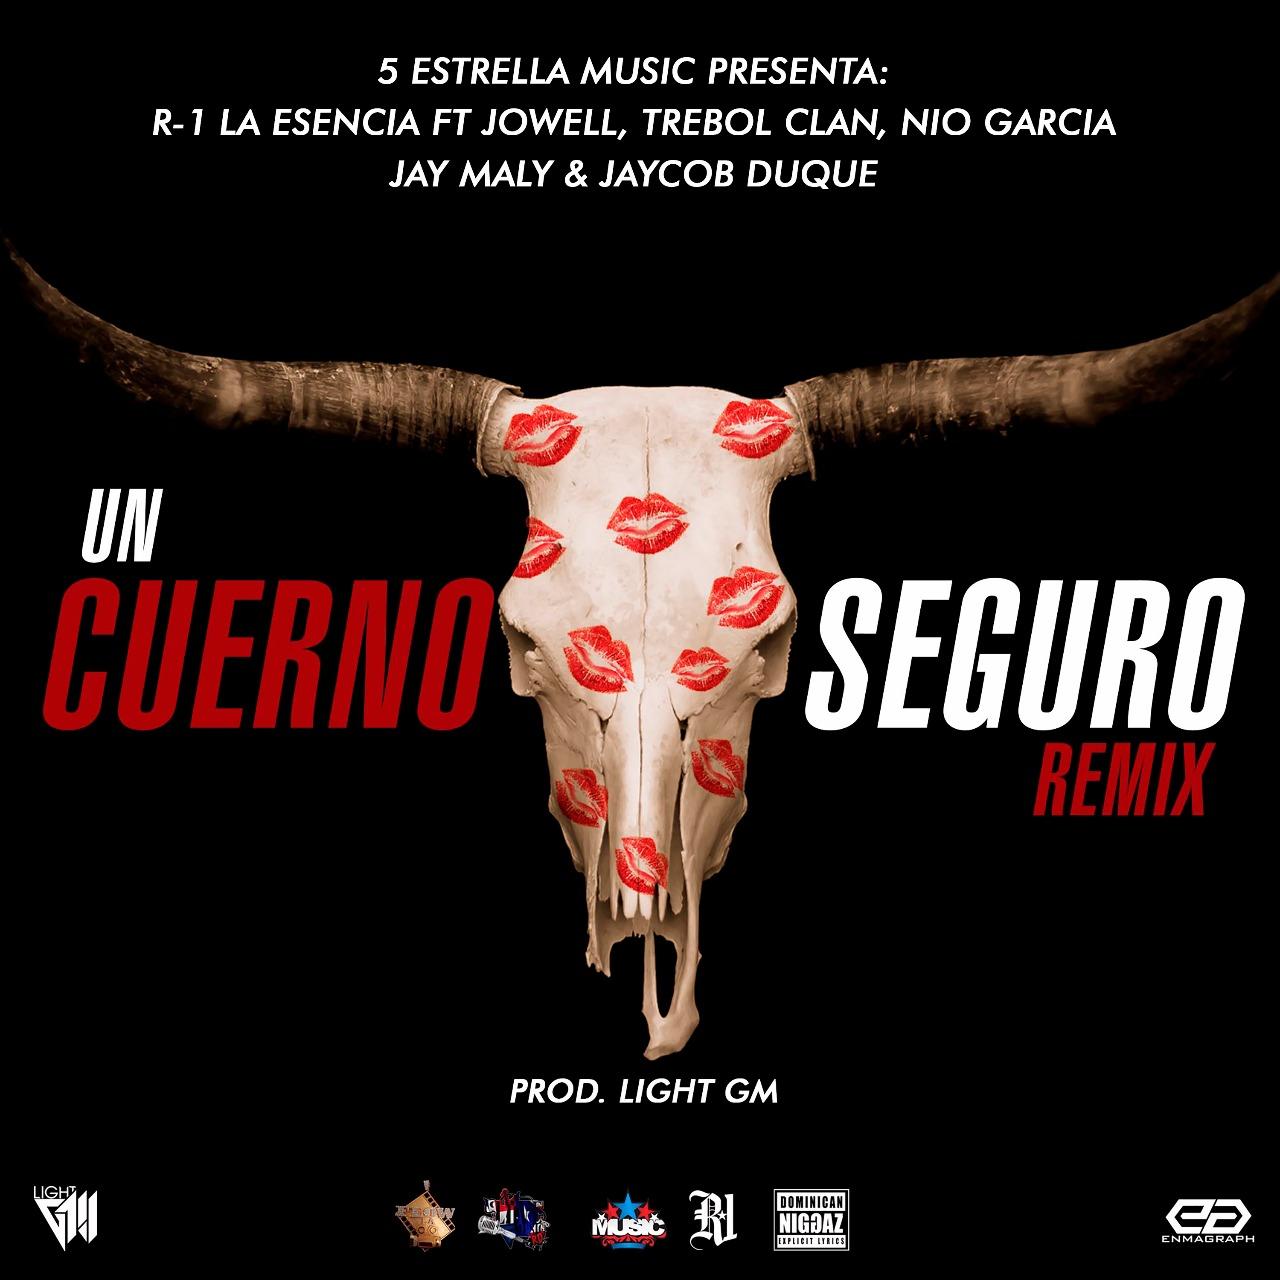 cuerno - R-1 La Esencia Ft. Jowell, Nio Garcia, Trebol Clan, Jay Maly, Jaycob Duque - Un Cuerno Seguro (Official Remix)